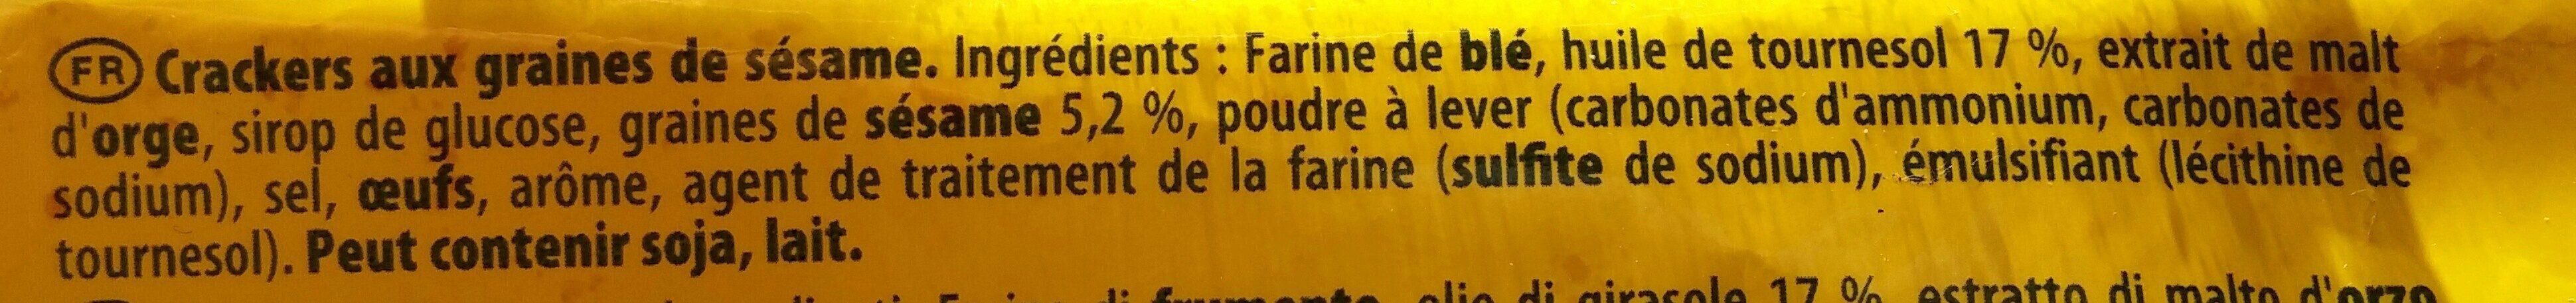 Tuc sésame - Ingredienti - fr